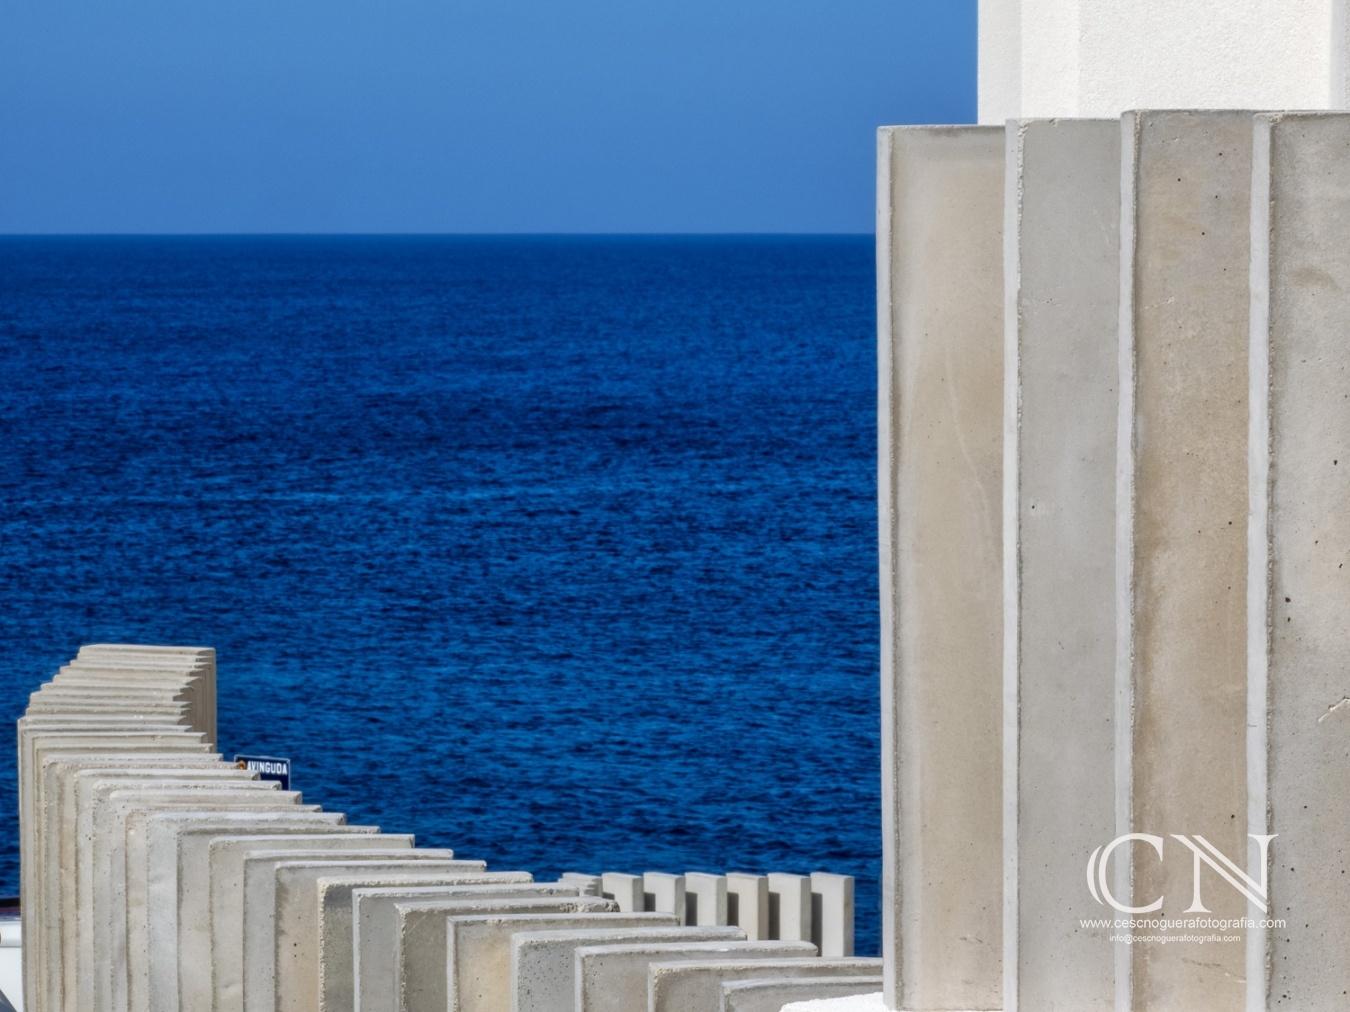 Real Estate Photography  - Cesc Noguera Photographie, Lorsque la photographie est une passion, Architectural & Interior design photographer / Landscape Photography